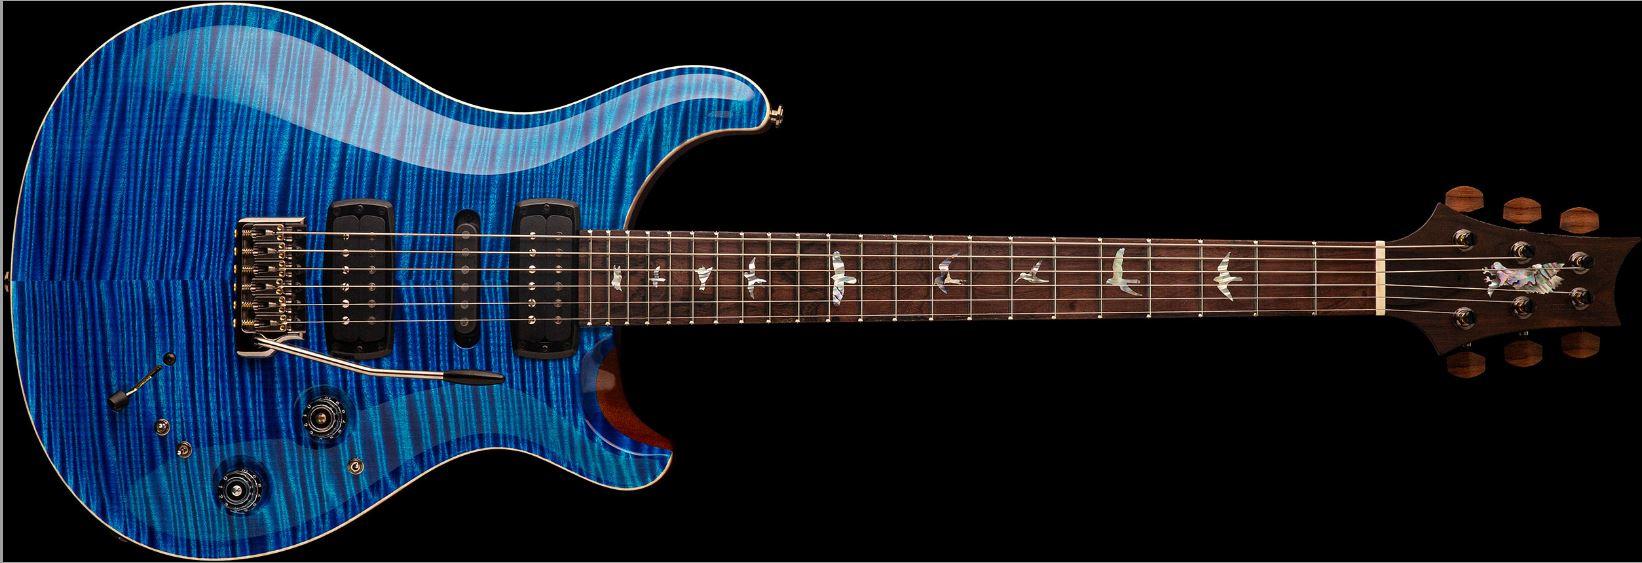 PRS modern eagle private V Stock E-gitarre komplett